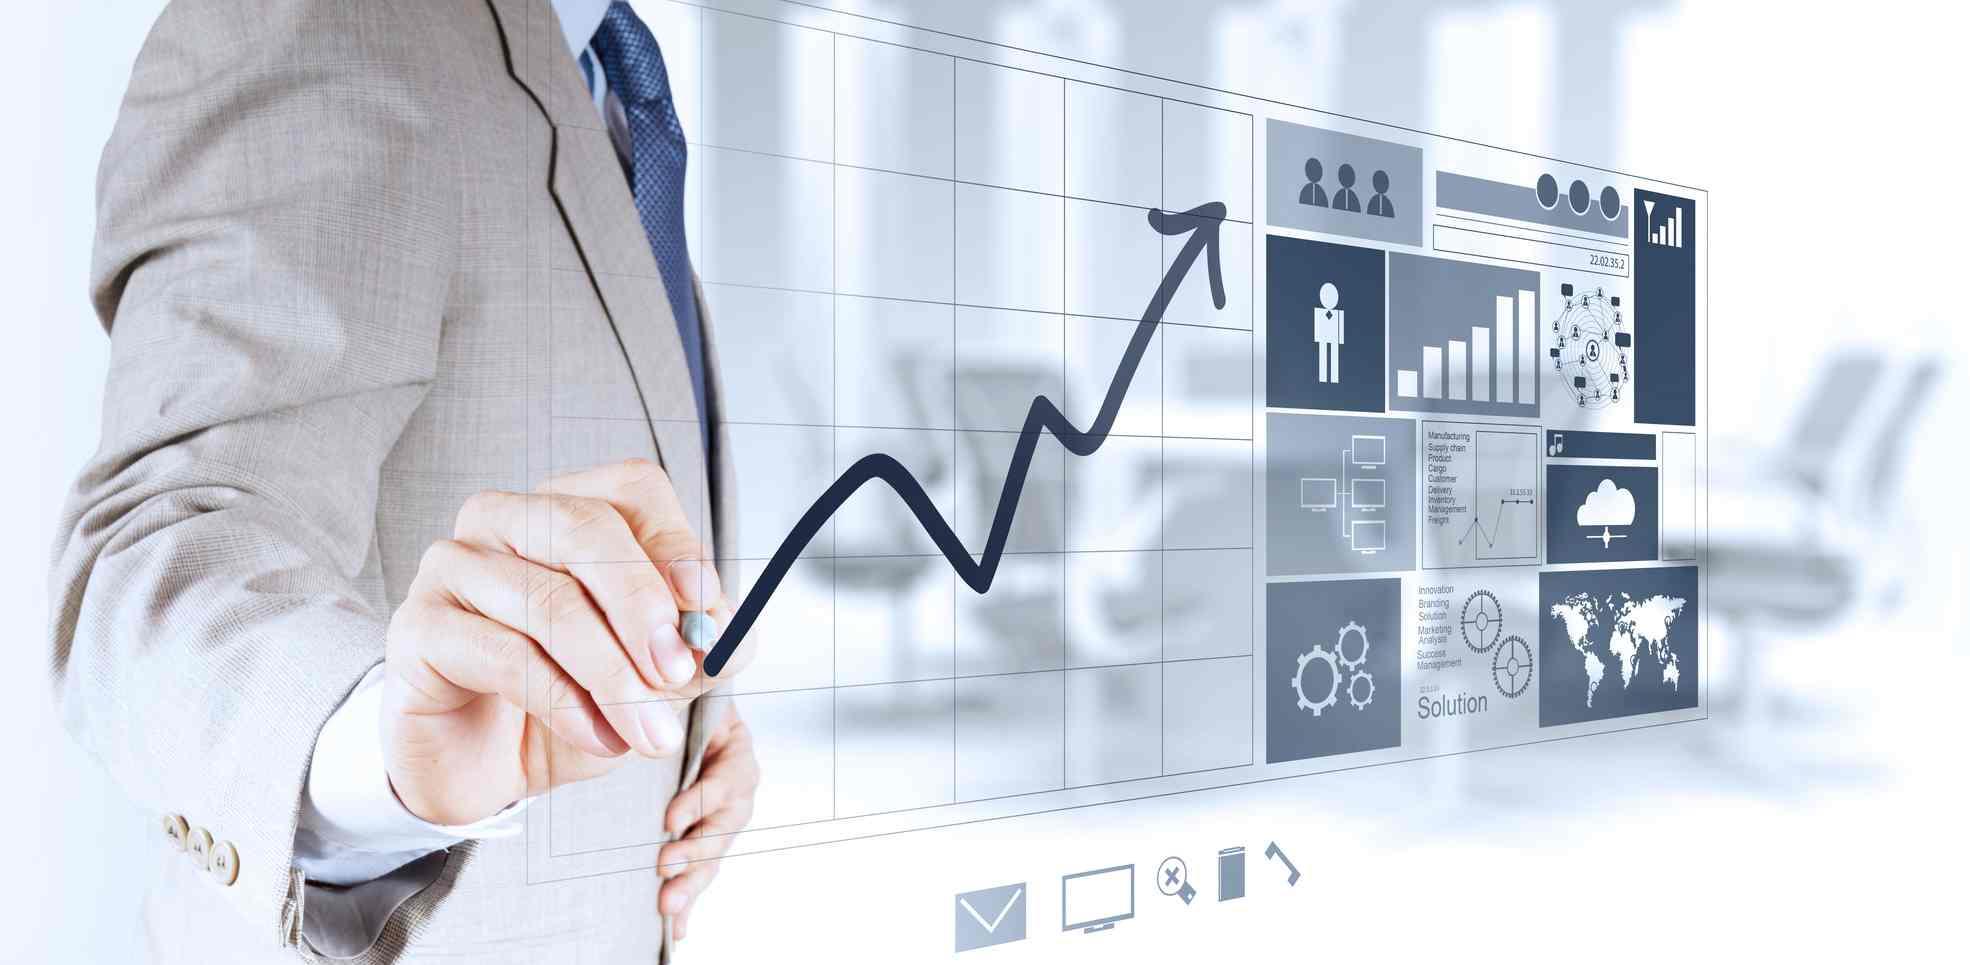 Ventas +62% - El volumen de facturación en muebles vendidos en España a través del canal e-commerce crecerá un 62% hasta 2021.+Info.